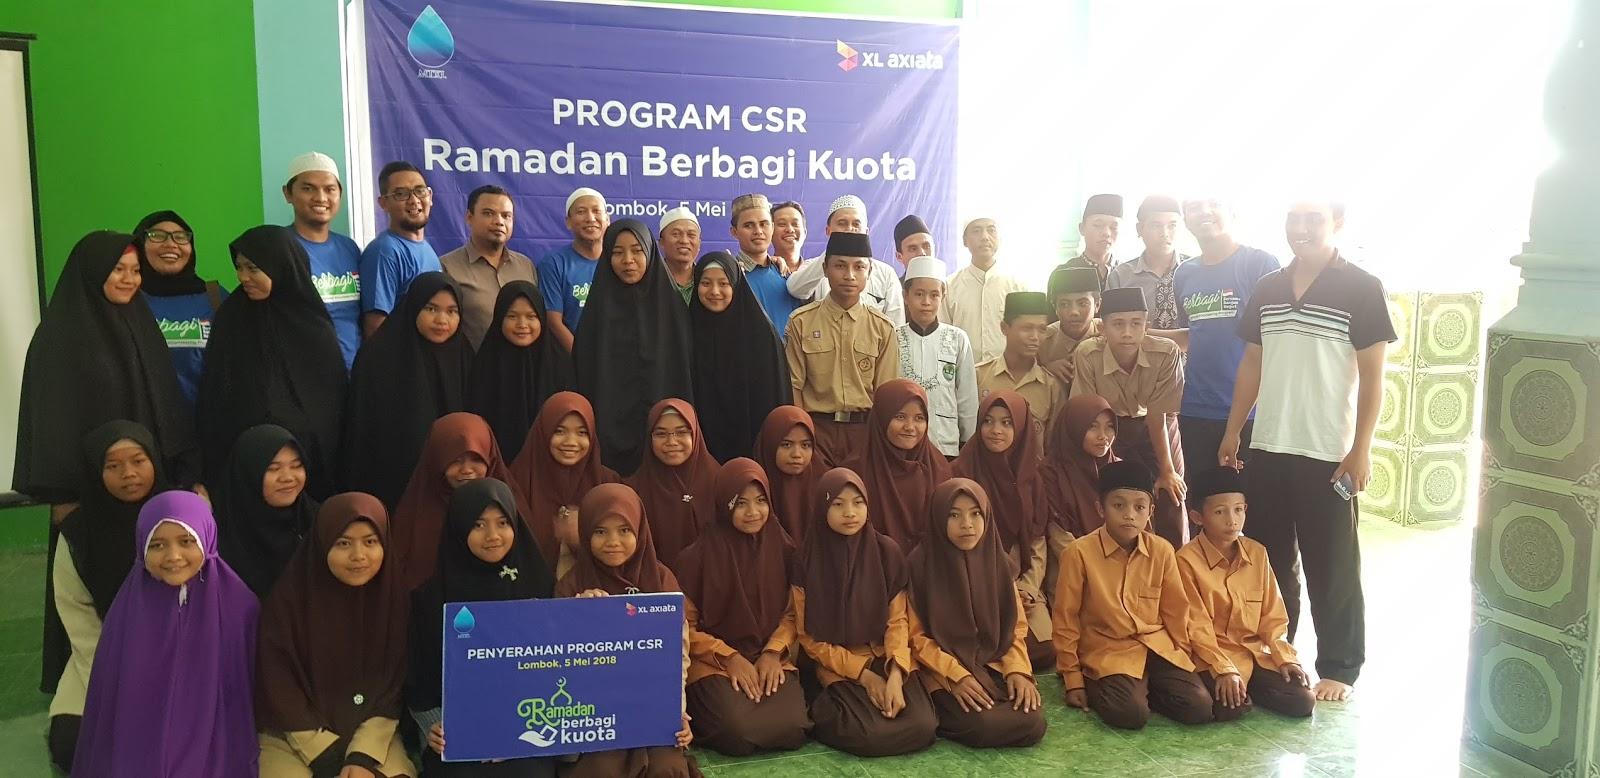 Xl Axiata Salurkan Donasi Kuota Ke Lembaga Pendidikan Islam Kabar Kolektif Untuk Lombok Pt Tbk Mulai Menyalurkan Dalam Rangka Program Ramadan Berbagi